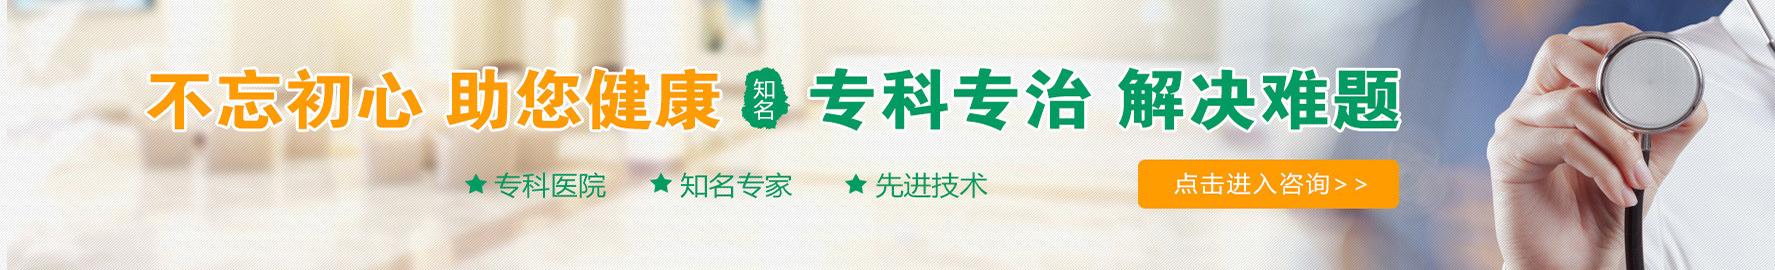 台州男科专科医院